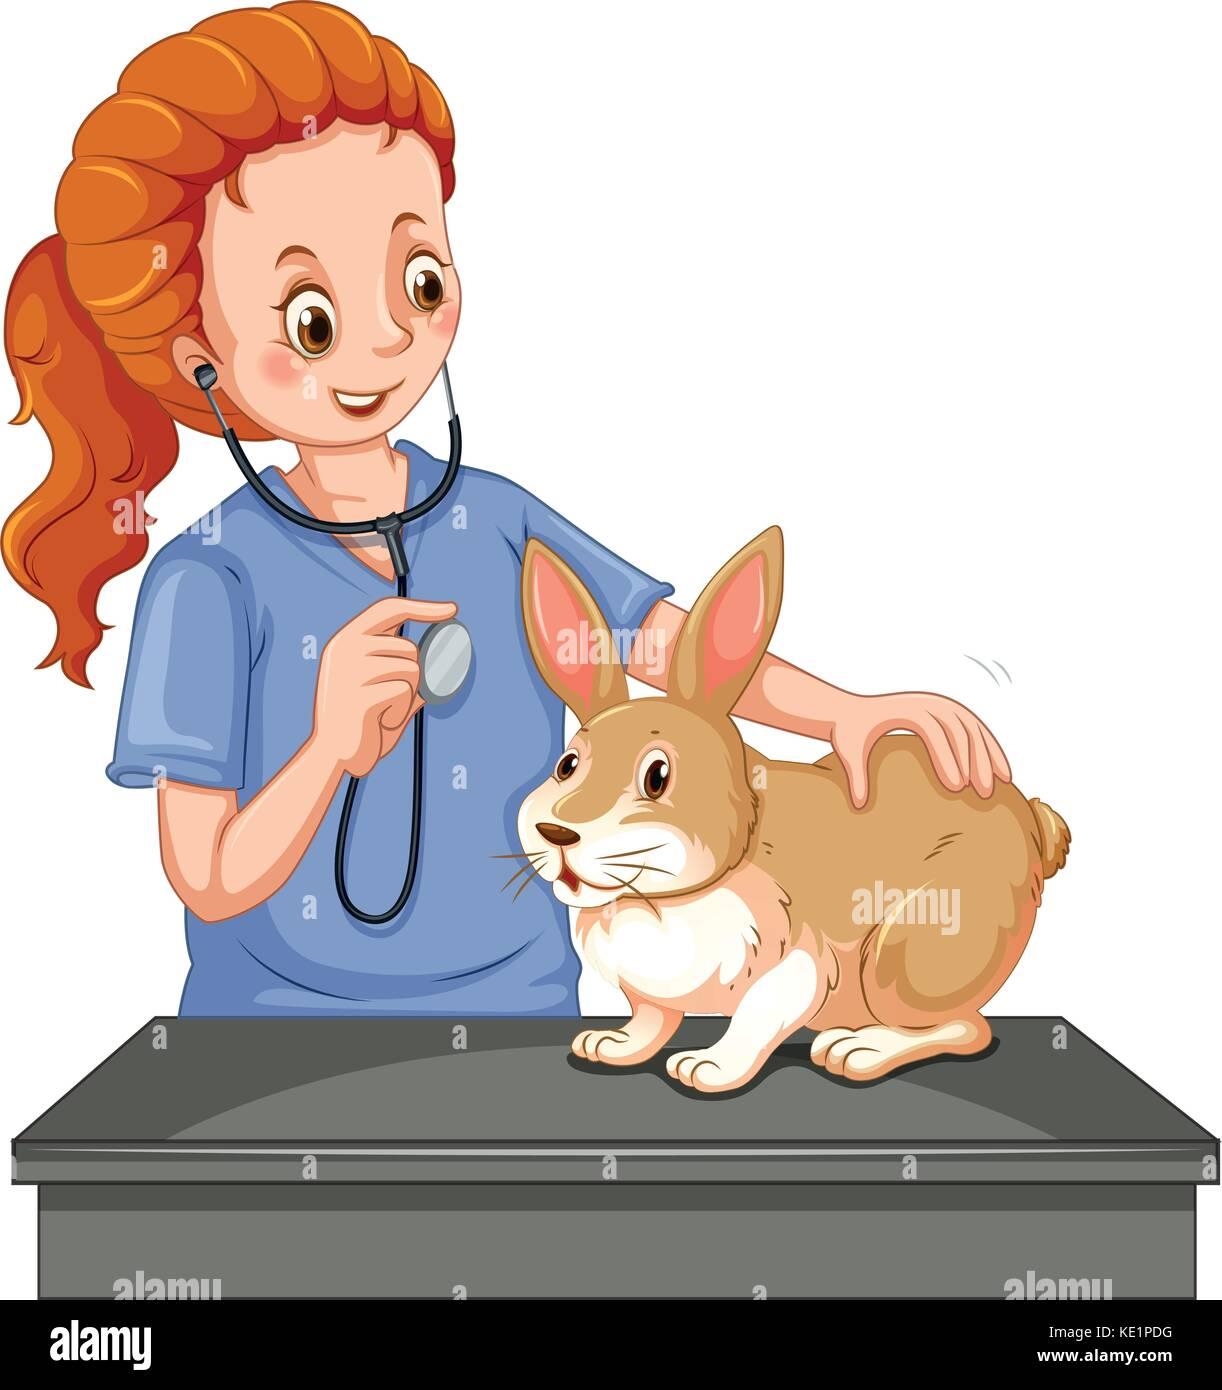 Vet examining little bunny illustration - Stock Vector